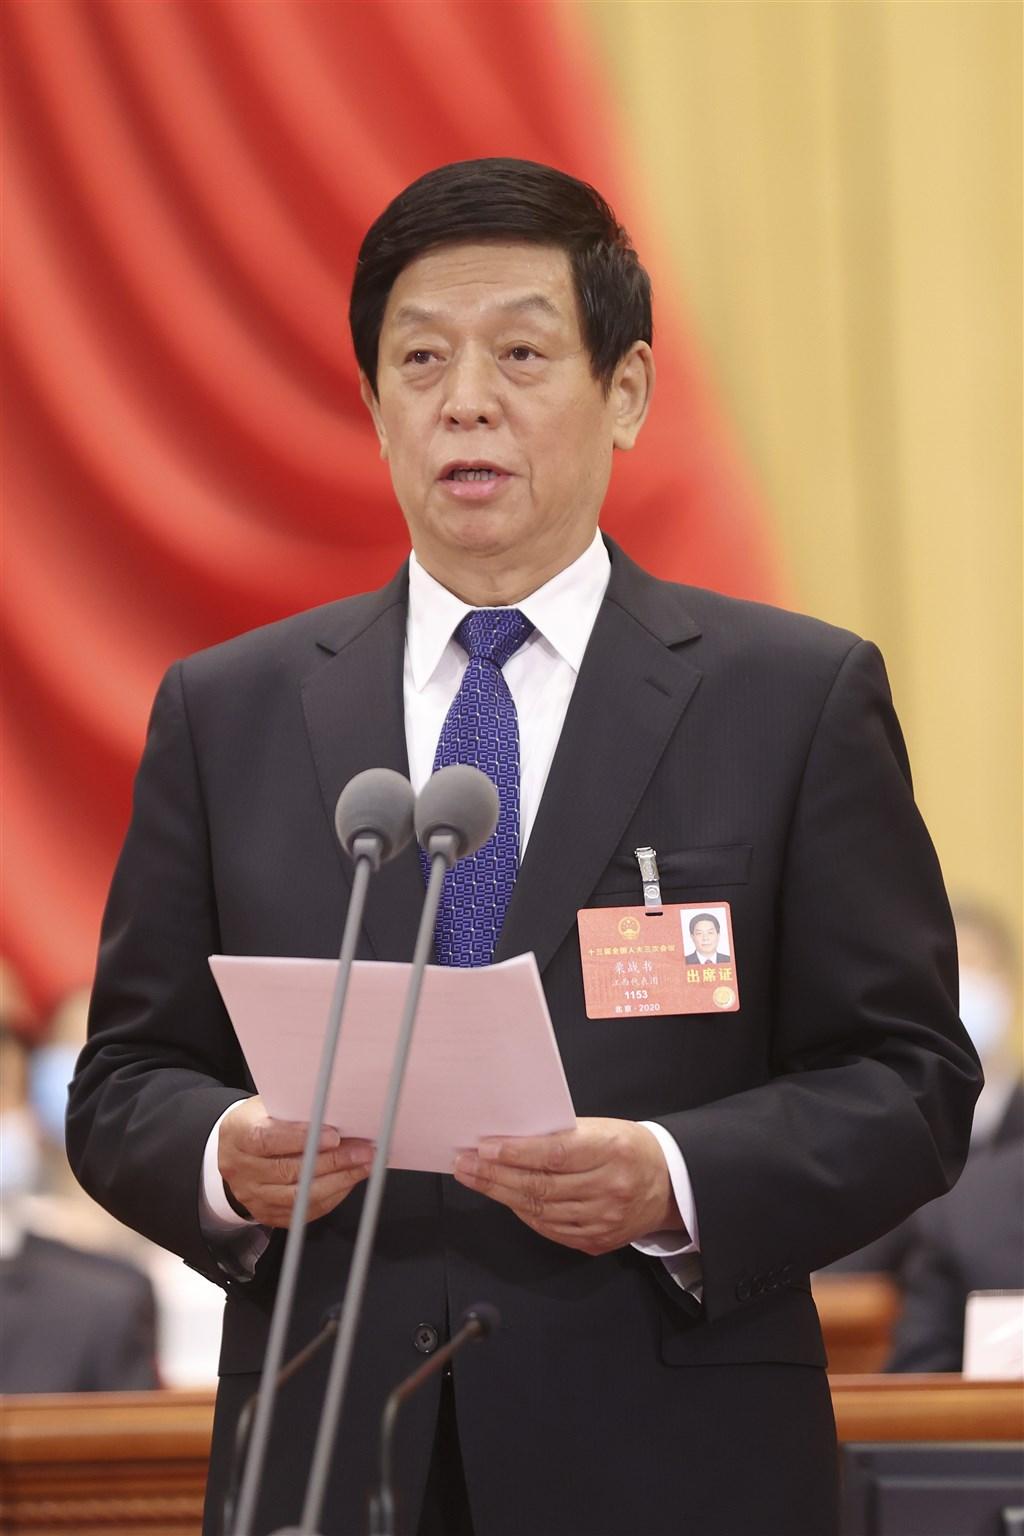 中國全國人大常委會委員長栗戰書25日在工作報告中說,全國人大今後一個階段仍堅持一個中國原則,在「九二共識」基礎上推動兩岸關係和平發展。圖為22日栗戰書主持全國人大開幕。(中新社提供)